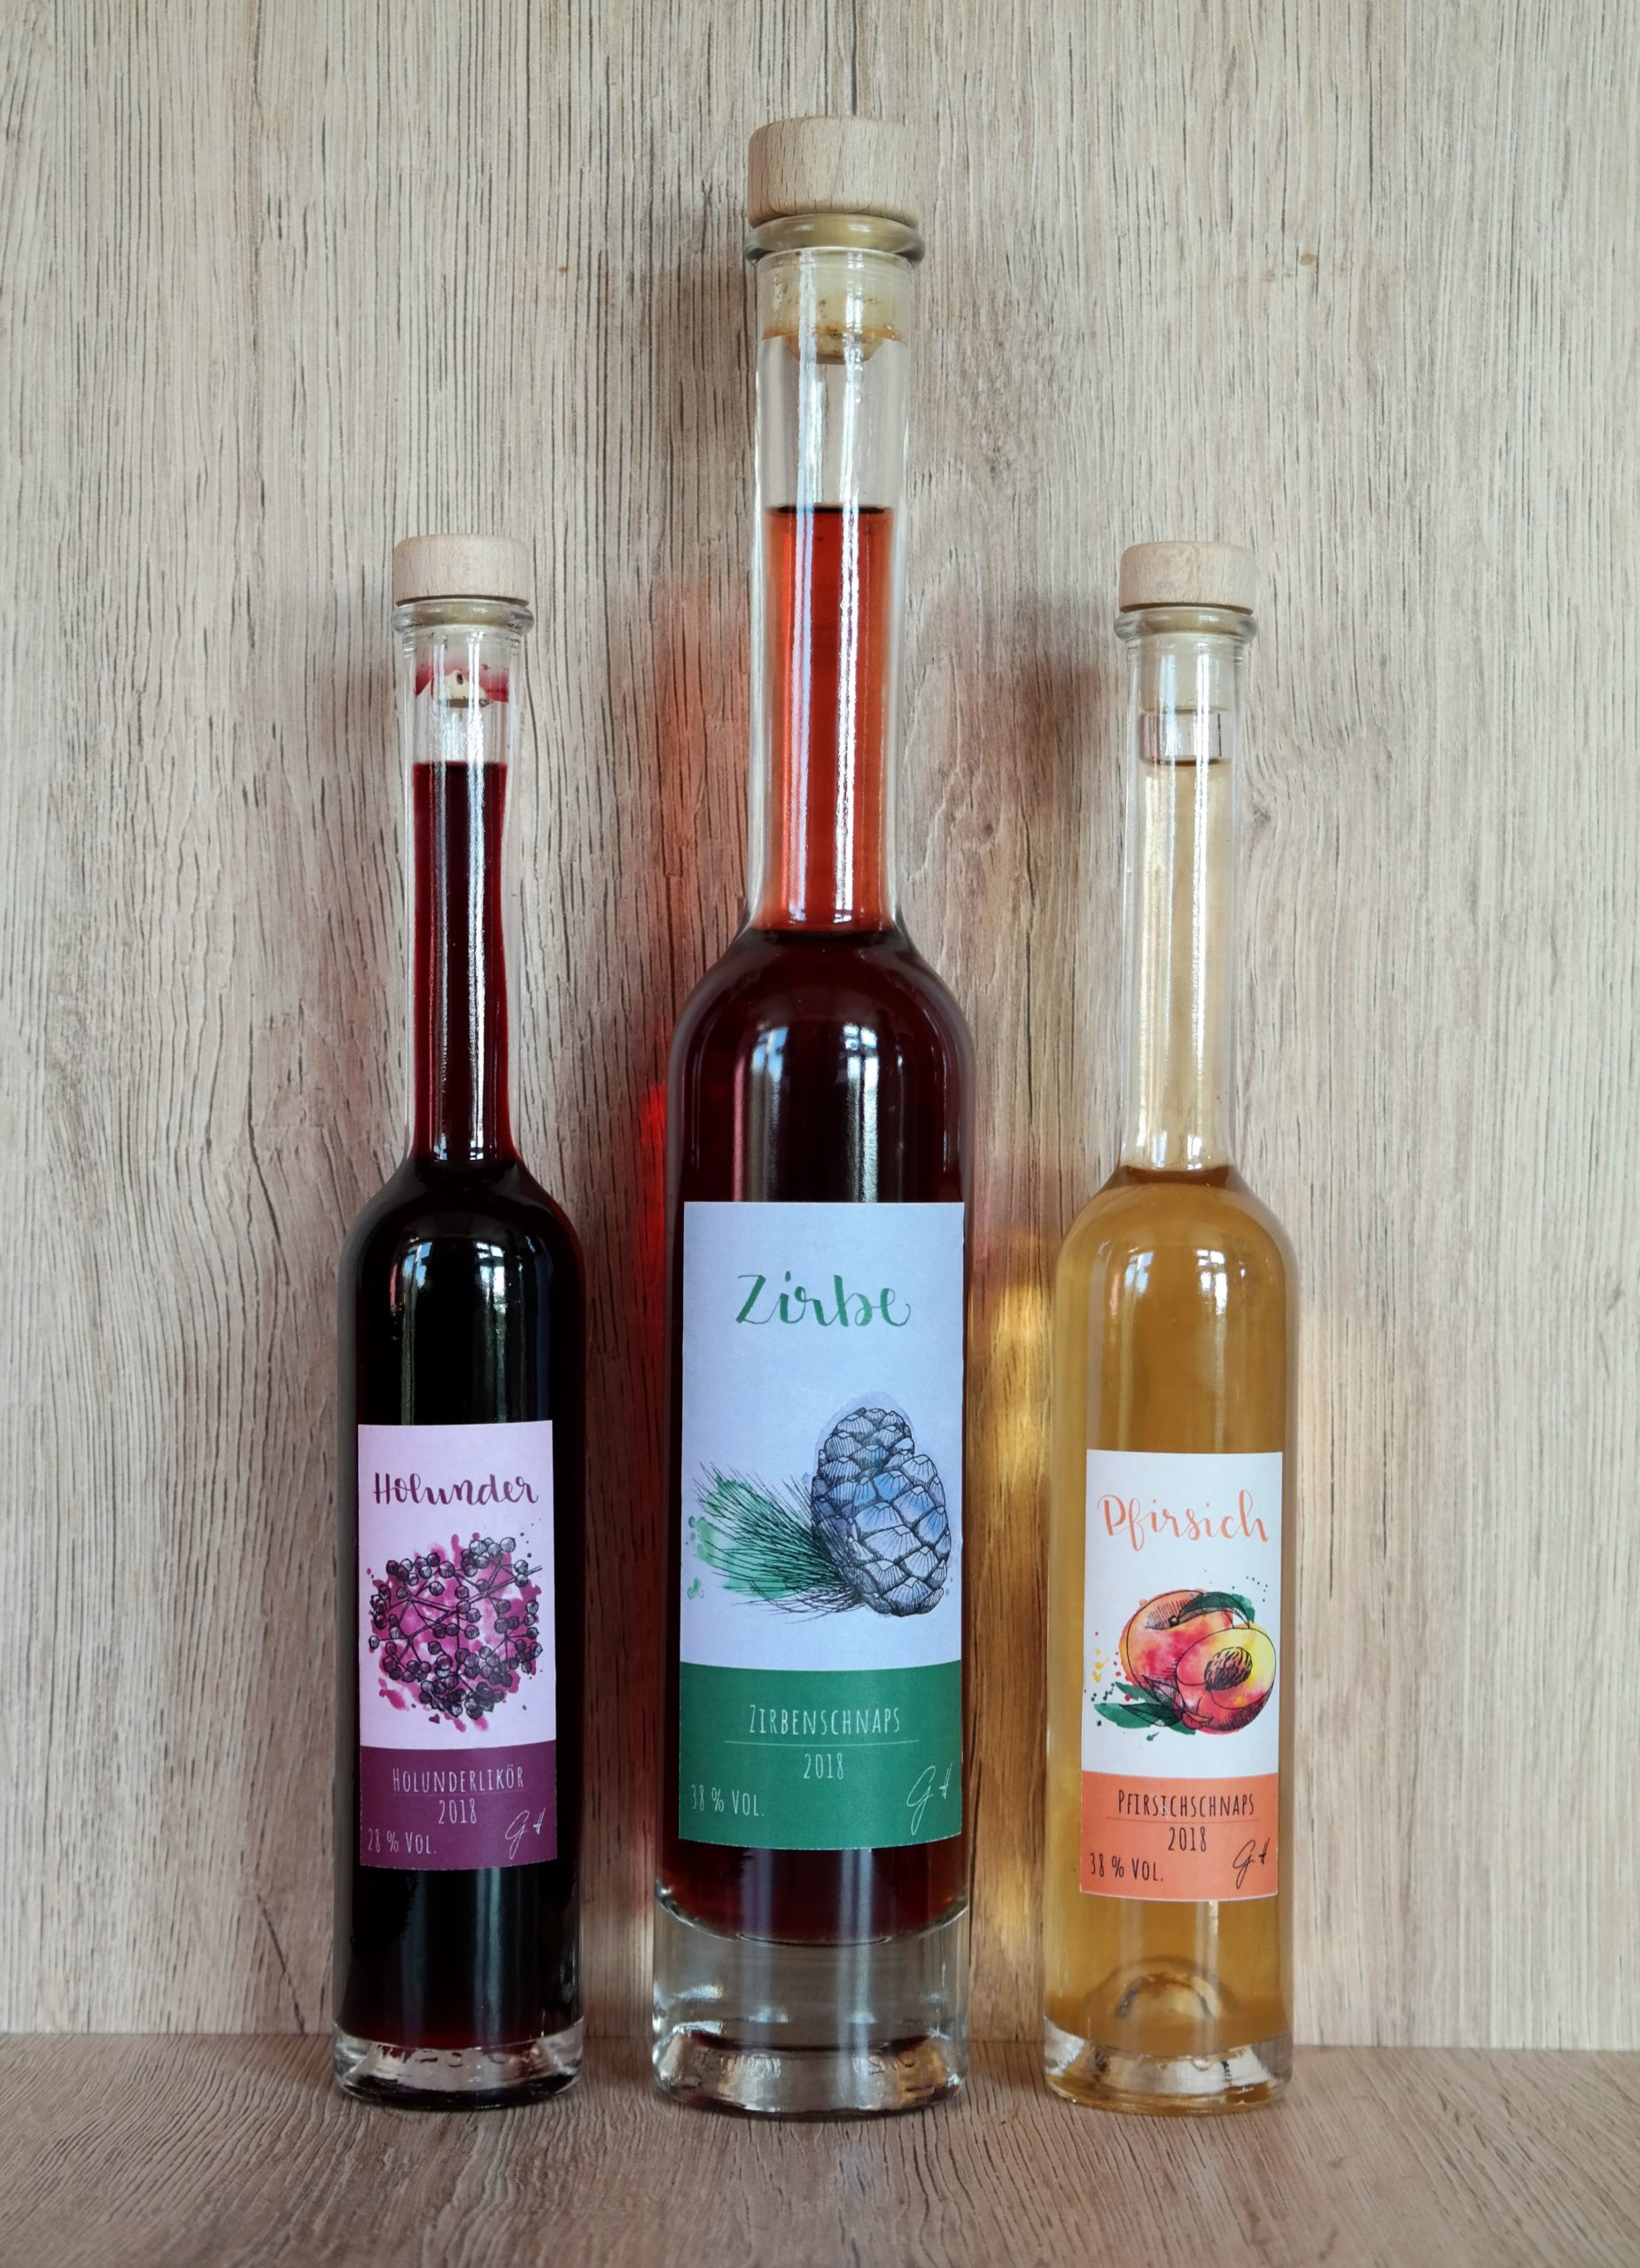 Schnaps-Etiketten Flaschen